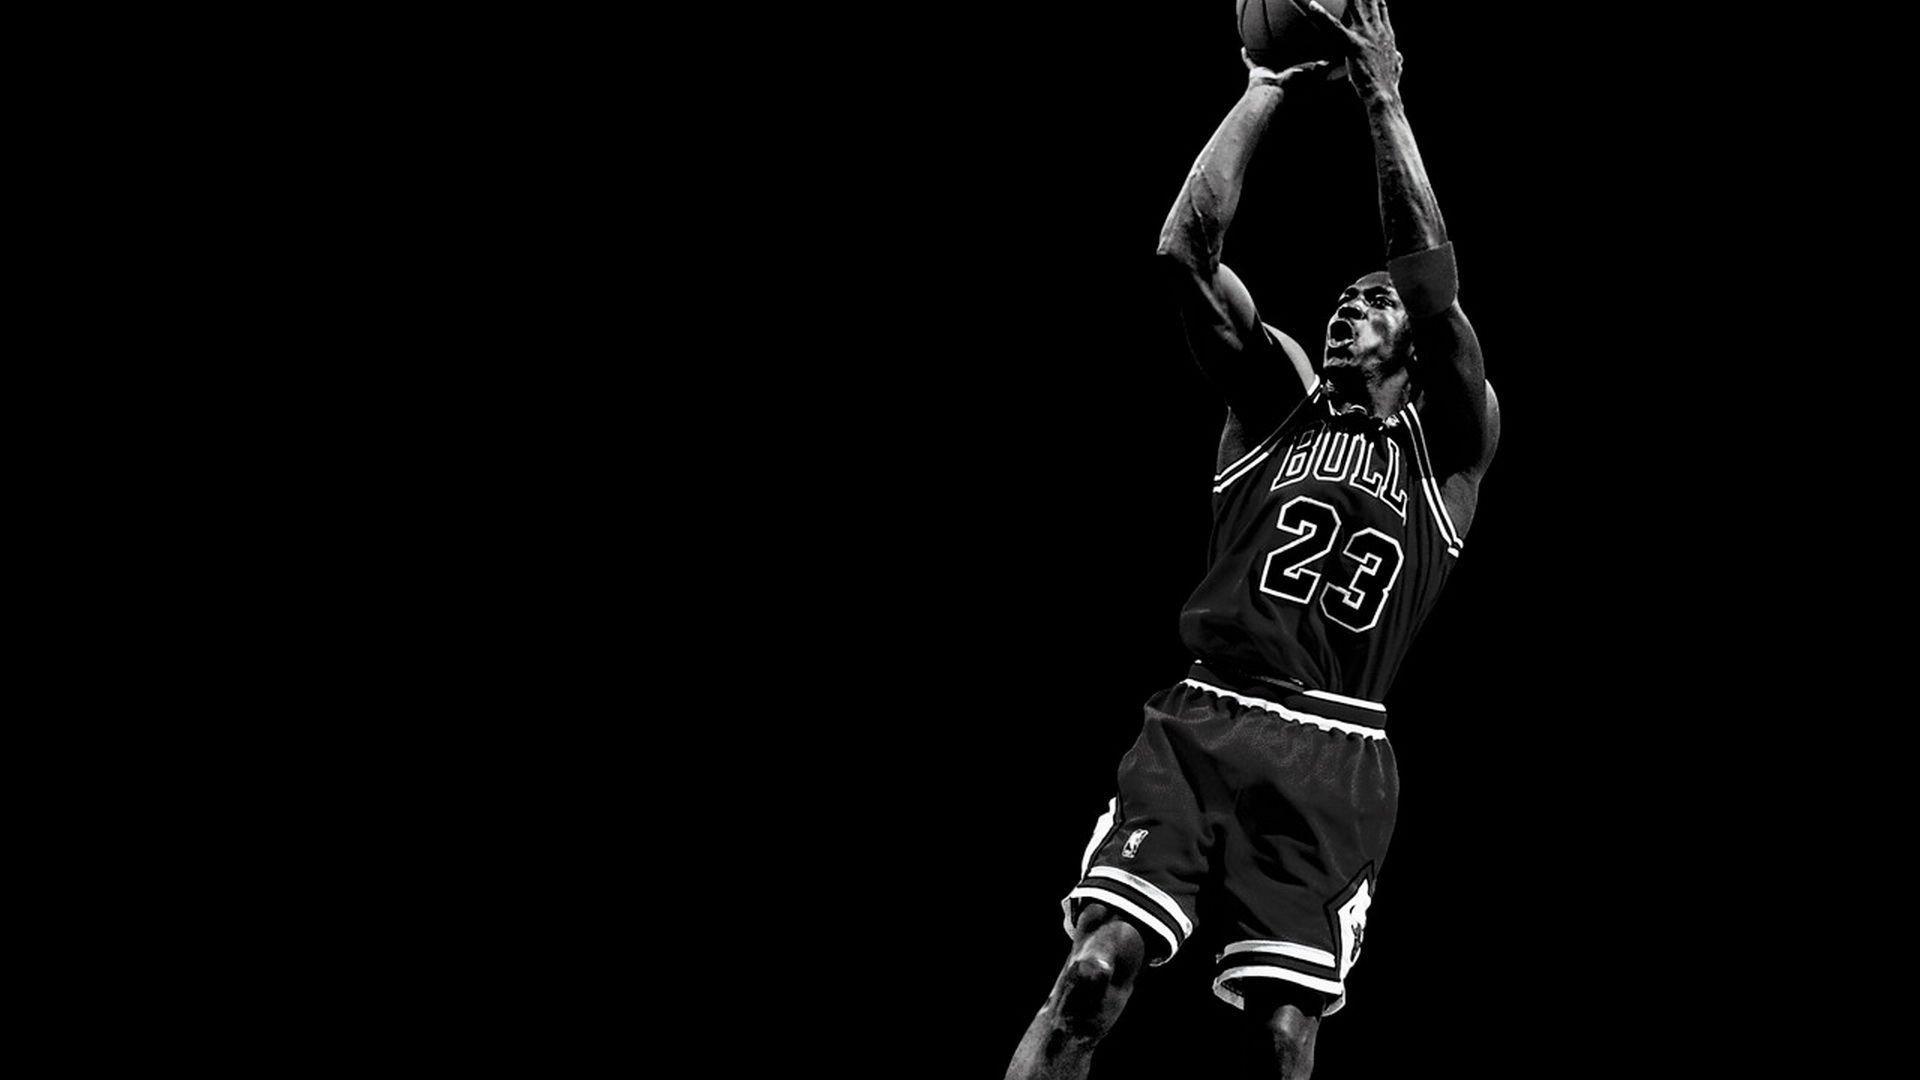 Michael jordan iphone wallpaper tumblr - Michael Jordan Wallpaper